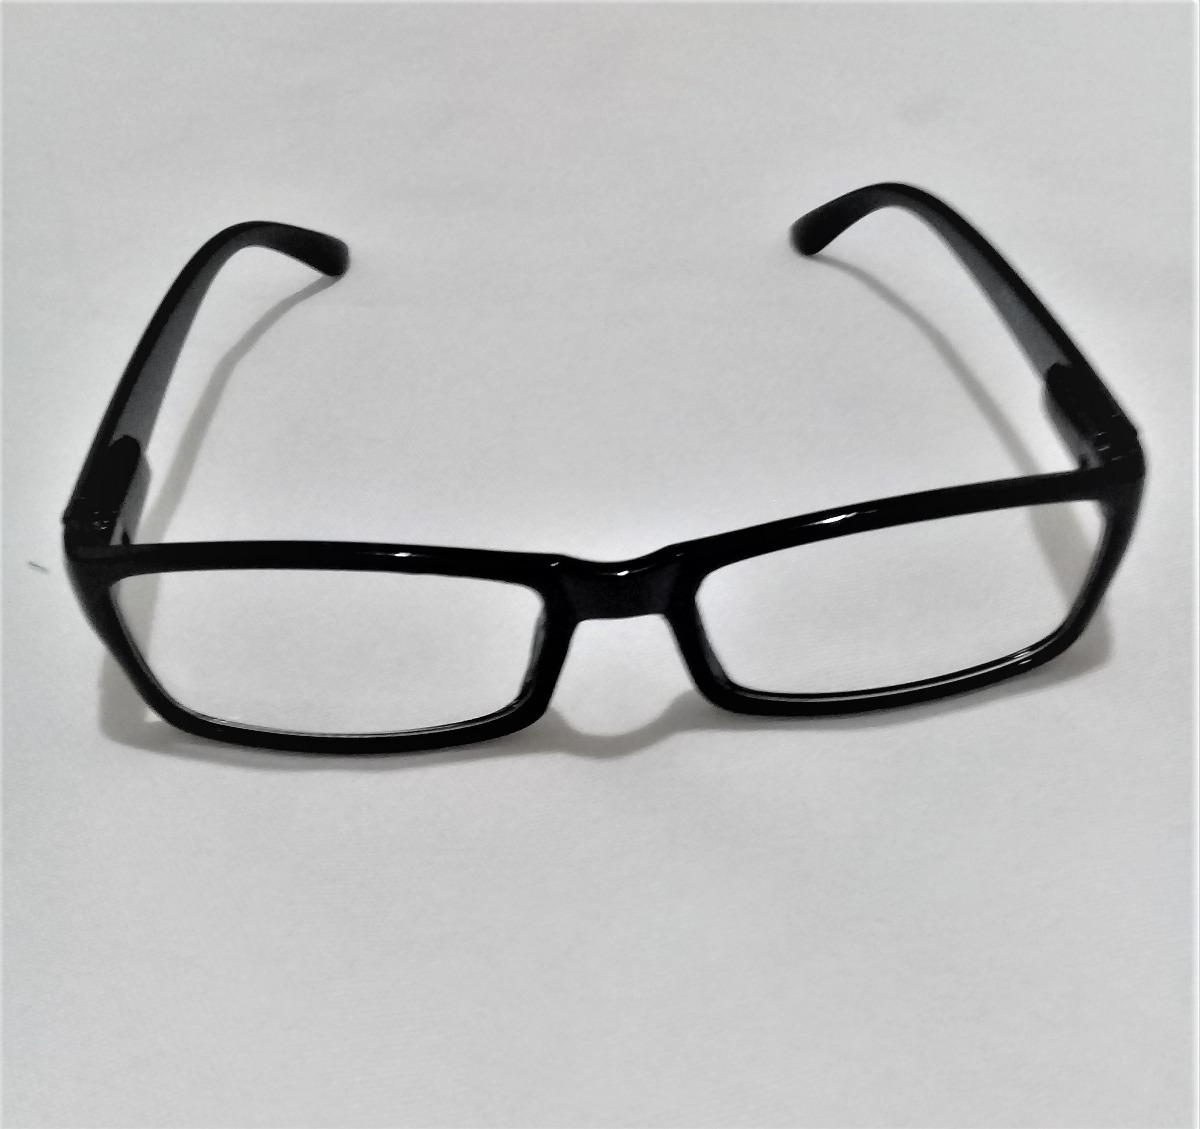 a133cbdcb Óculos De Grau Unissex Leitura Perto 02 Und (+1,00 A + 2,50) - R$ 29 ...